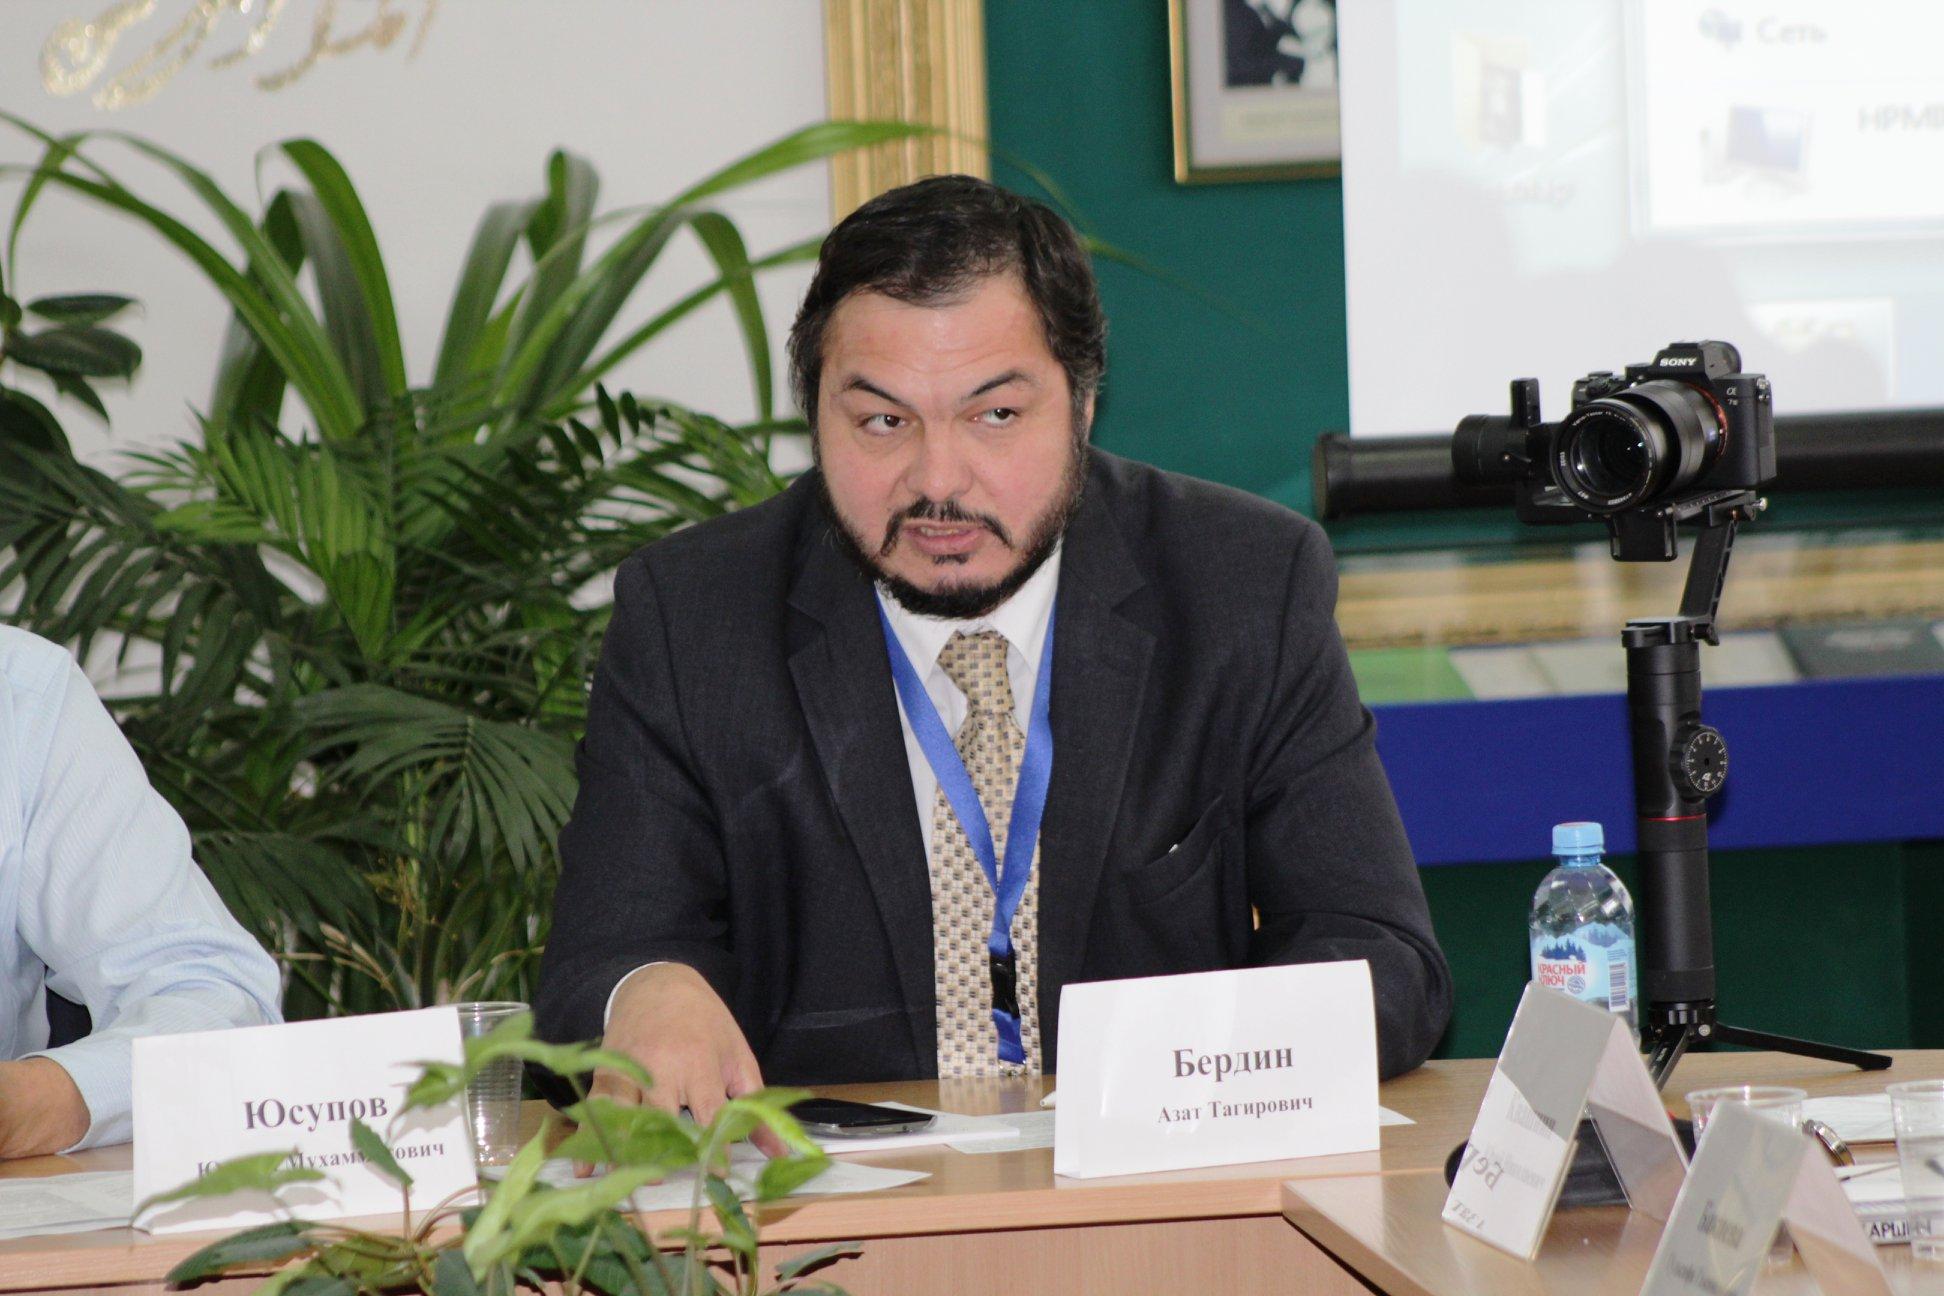 Роль «Ассоциации ученых и общественных деятелей по сохранению идентичности тюркских народов России» в контексте развития ногайского общества.